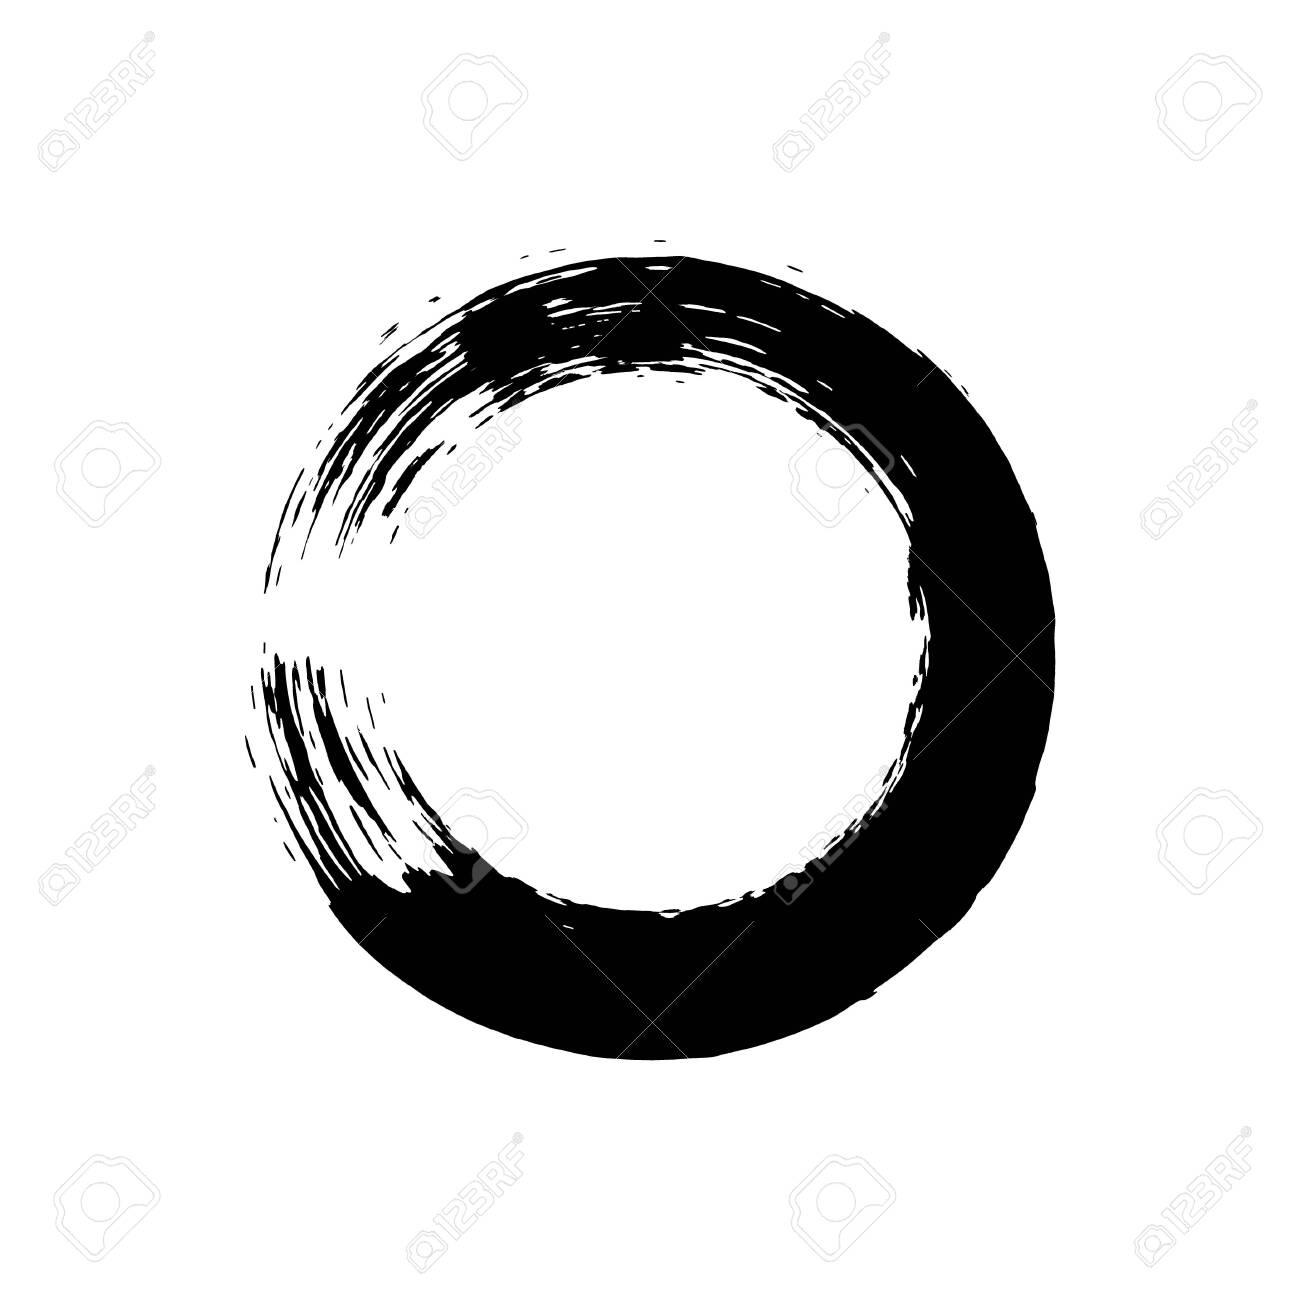 Enso symbol vector design. Chinese style illustration. emblem design. Brush drawn buddhist sign. Fine art element. Stroke round shape. Enso - buddhist symbol. Black brushed circle. - 154837098